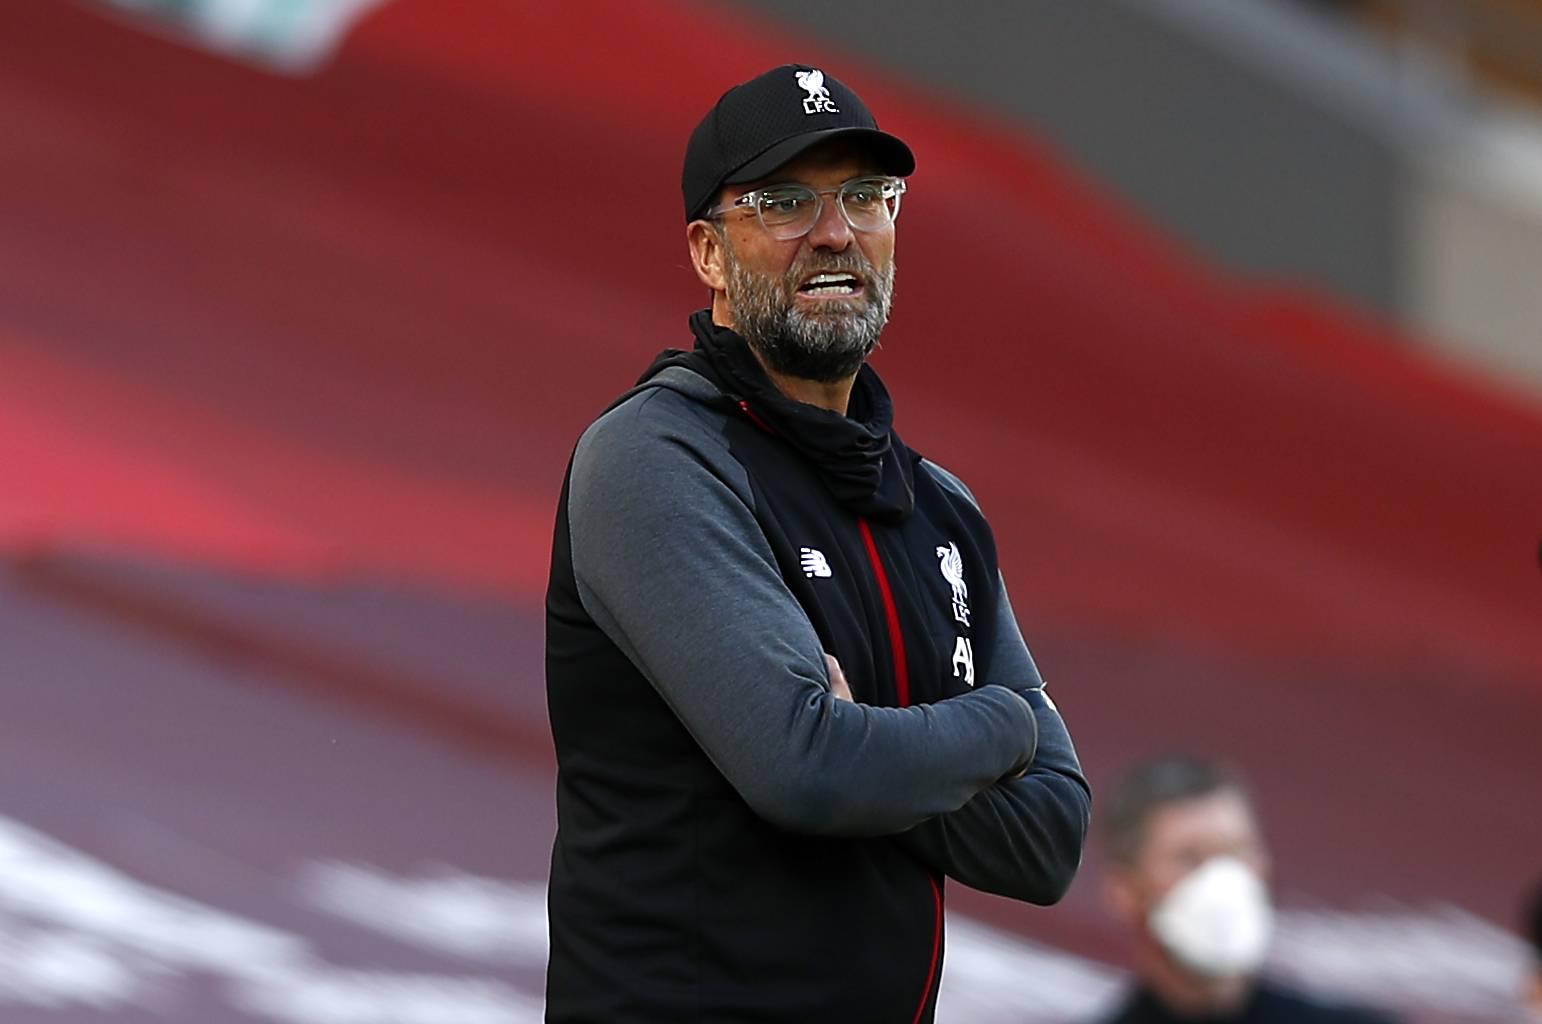 Trainer Von Liverpool